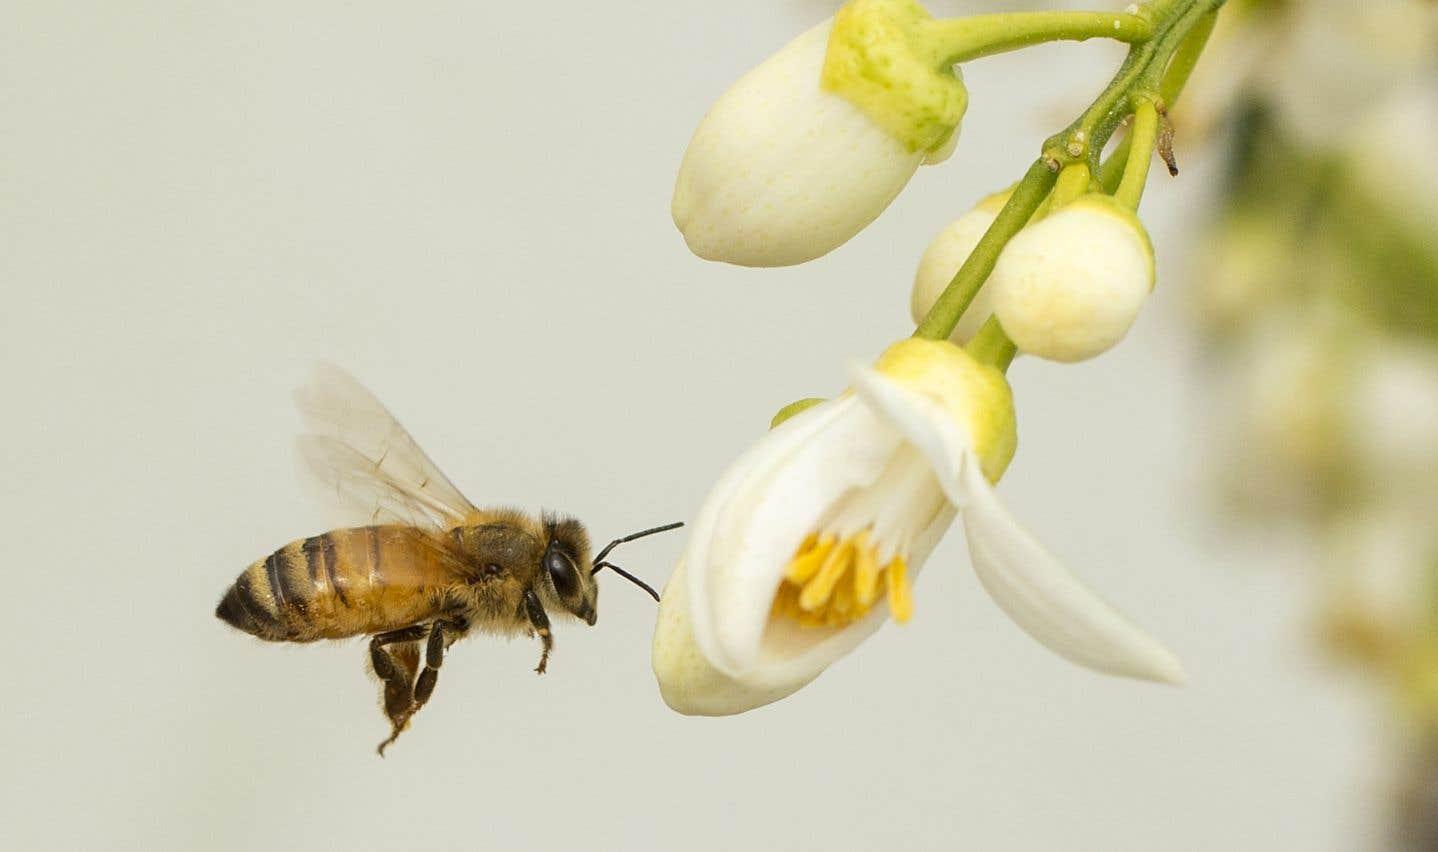 Les abeilles ont fait les frais de l'usage des néonicotinoïdes au Québec, mais aussi ailleurs dans le monde.